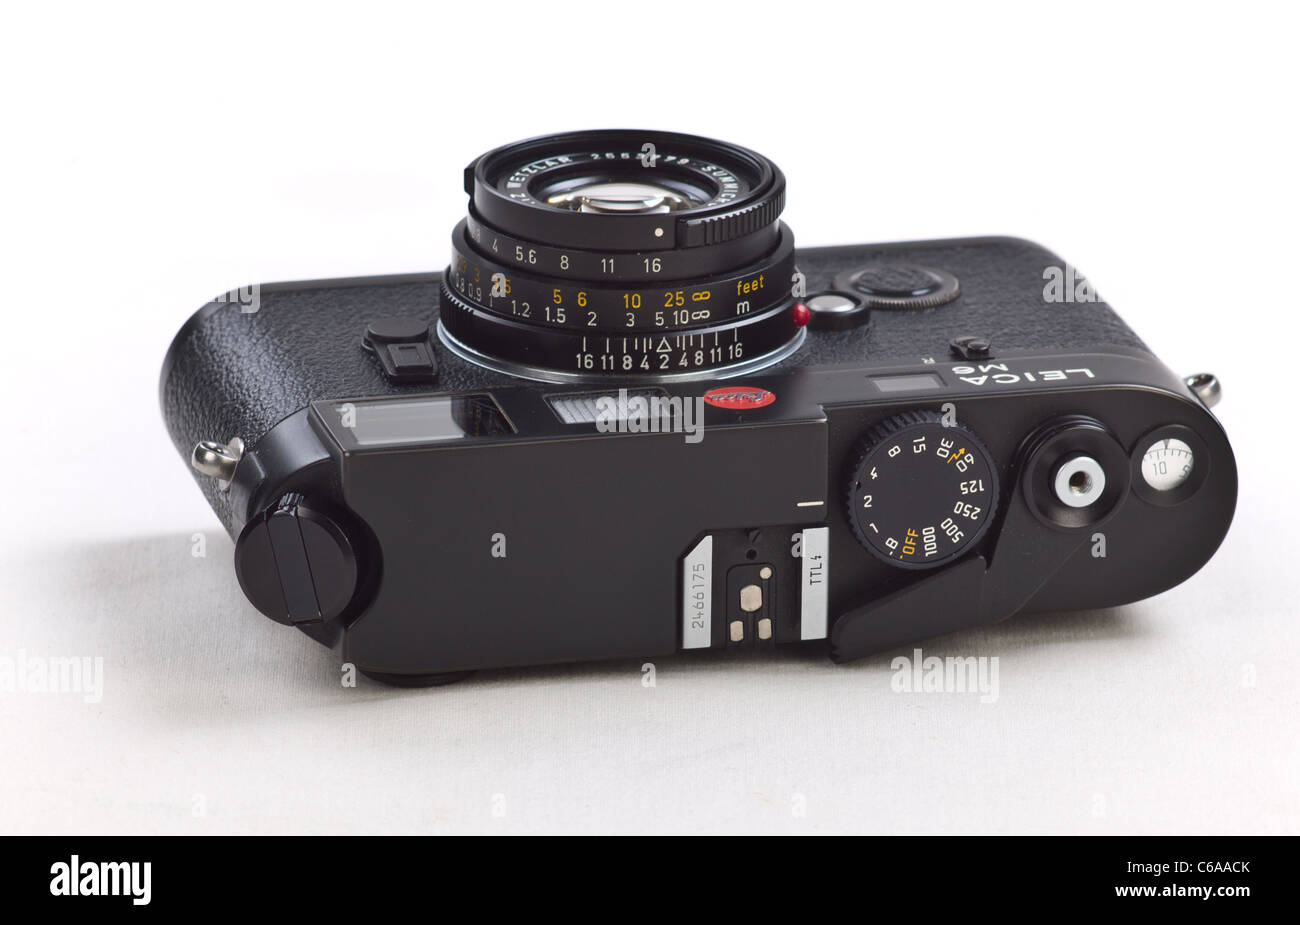 Leica Entfernungsmesser Fernglas : Leica fernglas geovid brf hd linie optik nachtsichttechnik